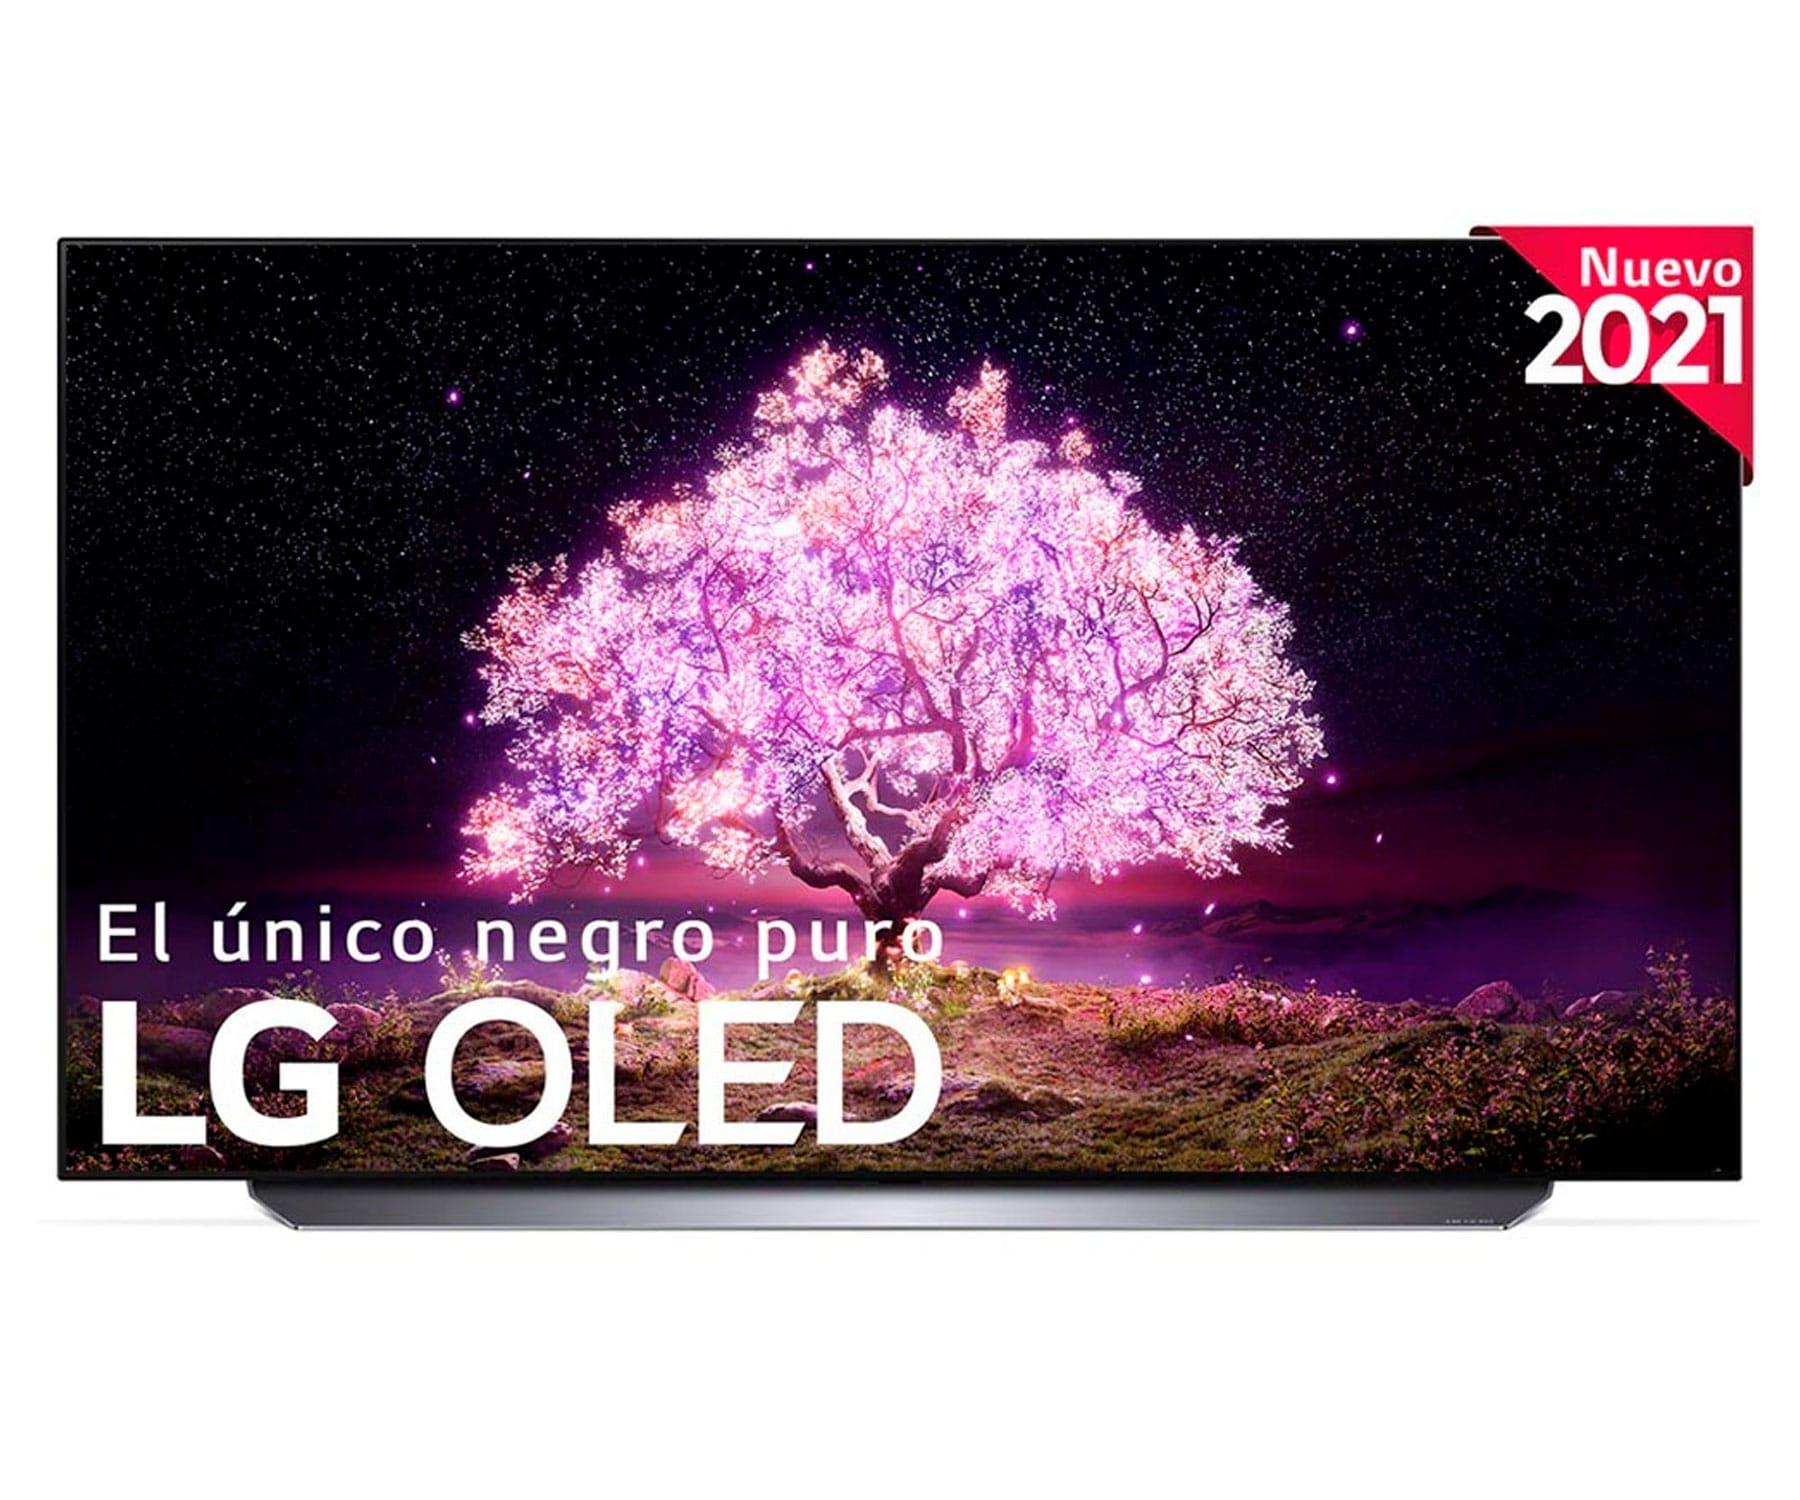 LG 65C14LB TELEVISOR 65'' OLED UHD 4K HDR IA THINQ SMART TV  WEBOS 6.0 WIFI BLUETOOTH SONIDO DOLBY ATMOS